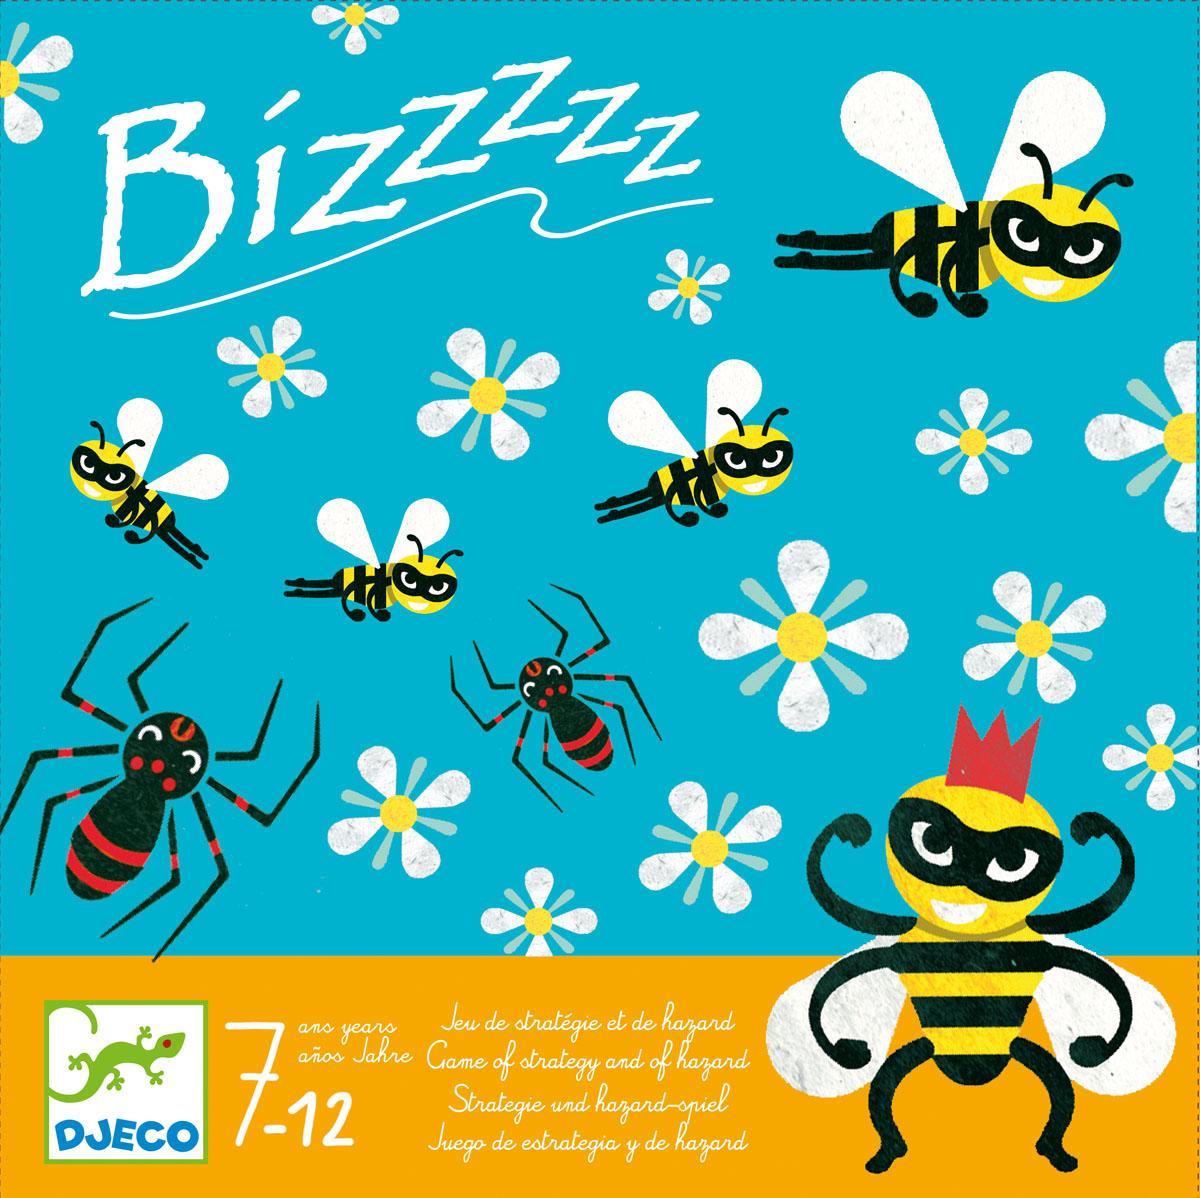 Djeco Настольная игра БзззззИ-3003Настольная игра Бззззз – увлекательная стратегическая игра с пчелками от французского производителя Джеко, которая идеально подойдет детям 7-12 лет. Цель игры состоит в том, чтобы пчелки сделали как можно больше мёда. Однако, все не так просто – ведь им могут помешать злостные паучки. Игра прекрасно развивает стратегические способности ребенка, она проста и доступна для понимания каждому. В наборе: 1 игровое поле, 31 фишка с пчелками, другими насекомыми и цветочками, 1 деревянный кубик.